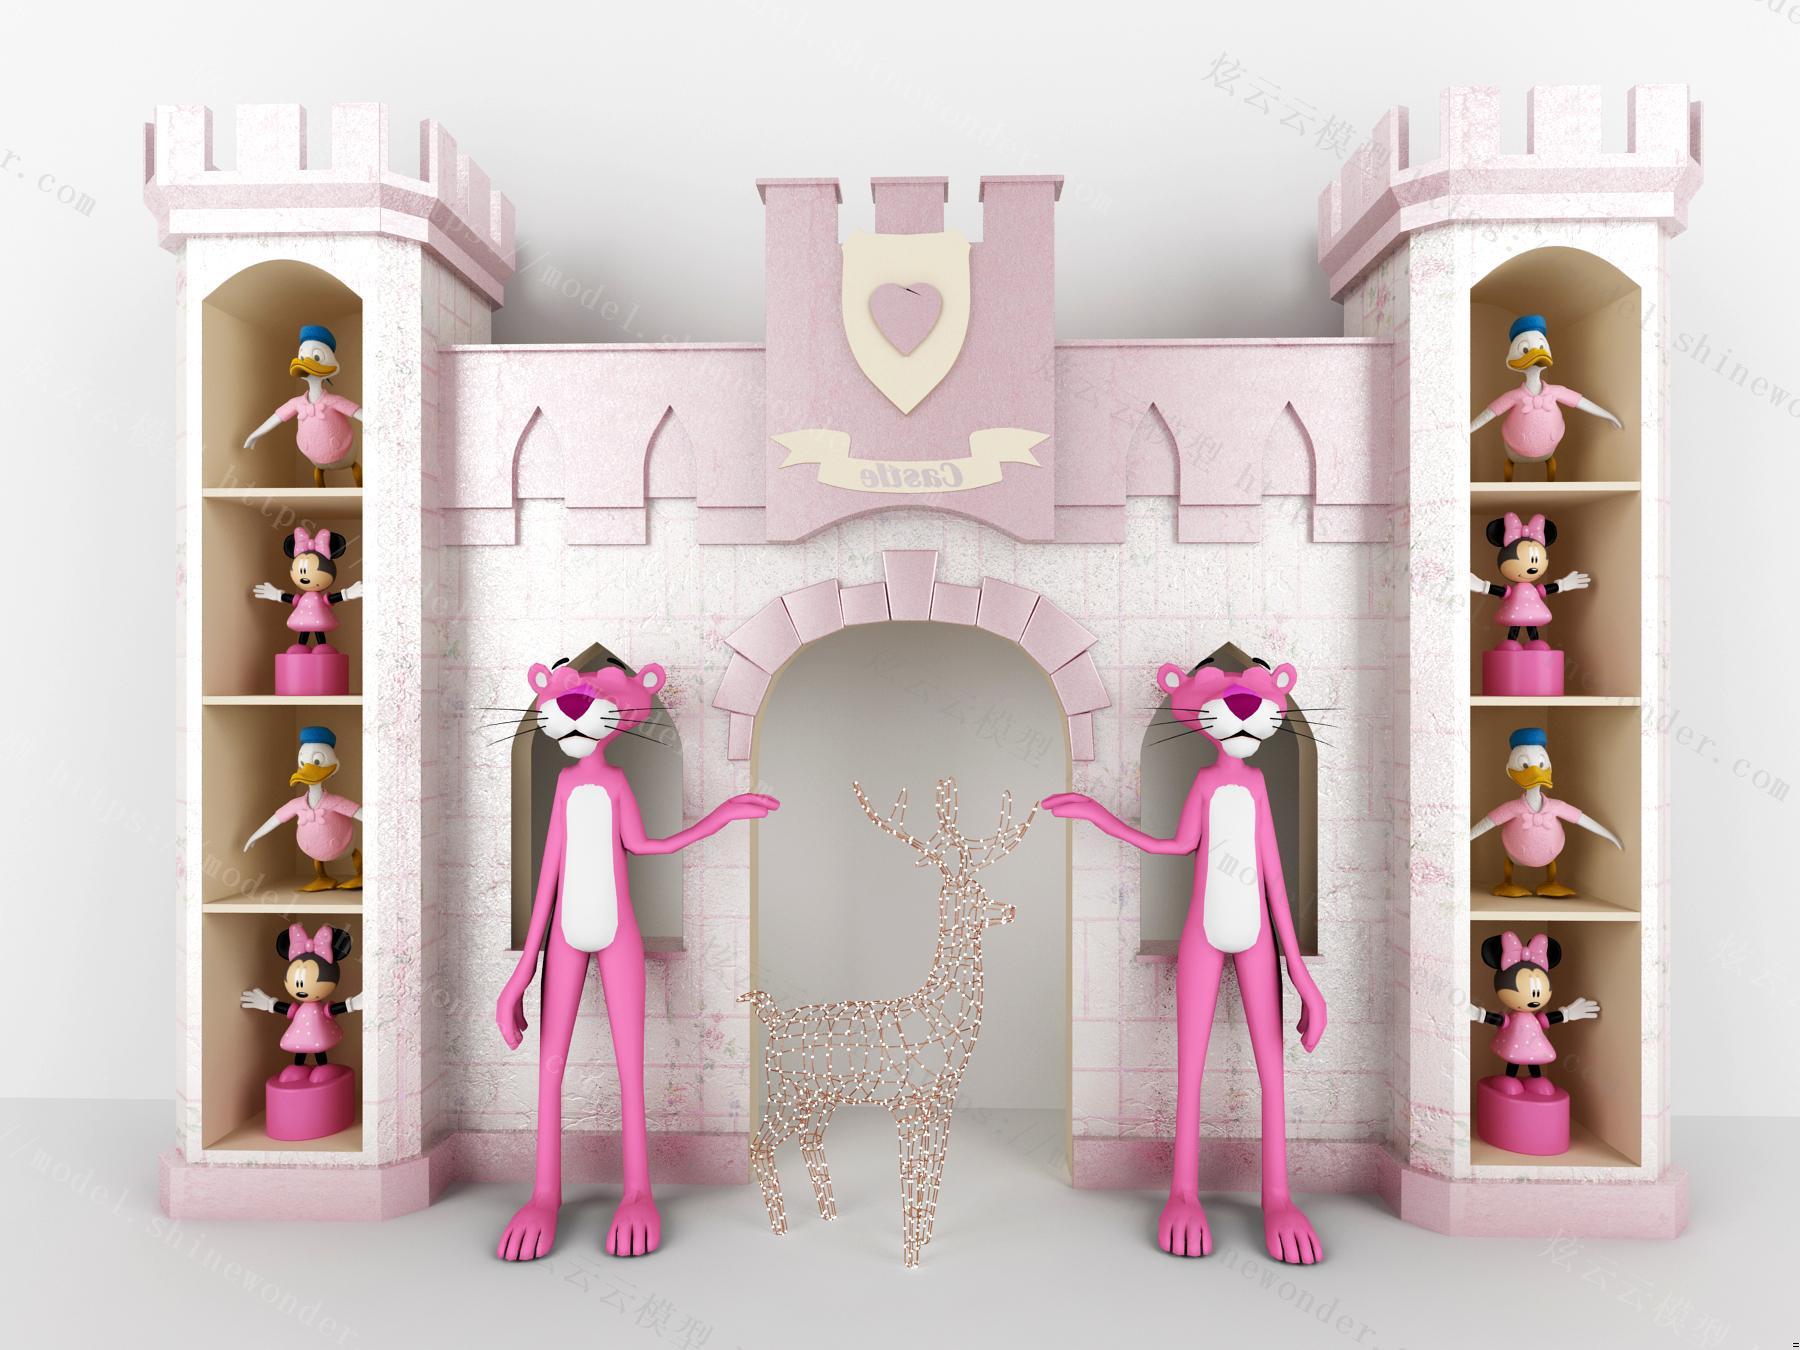 现代迪士尼卡通城堡模型